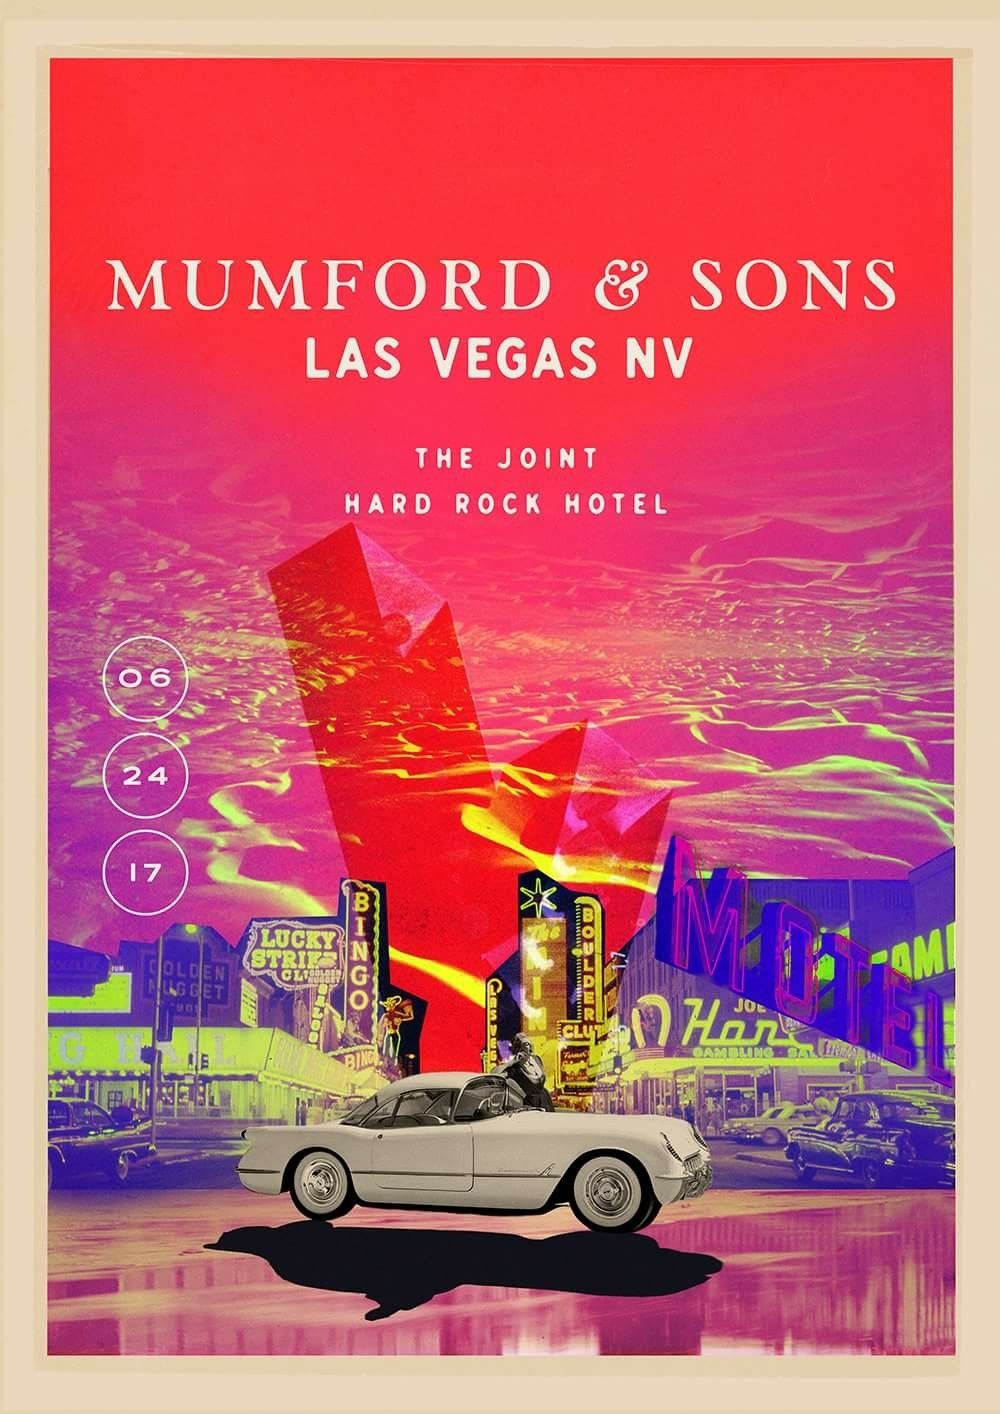 Mumford & Sons Las Vegas 2017